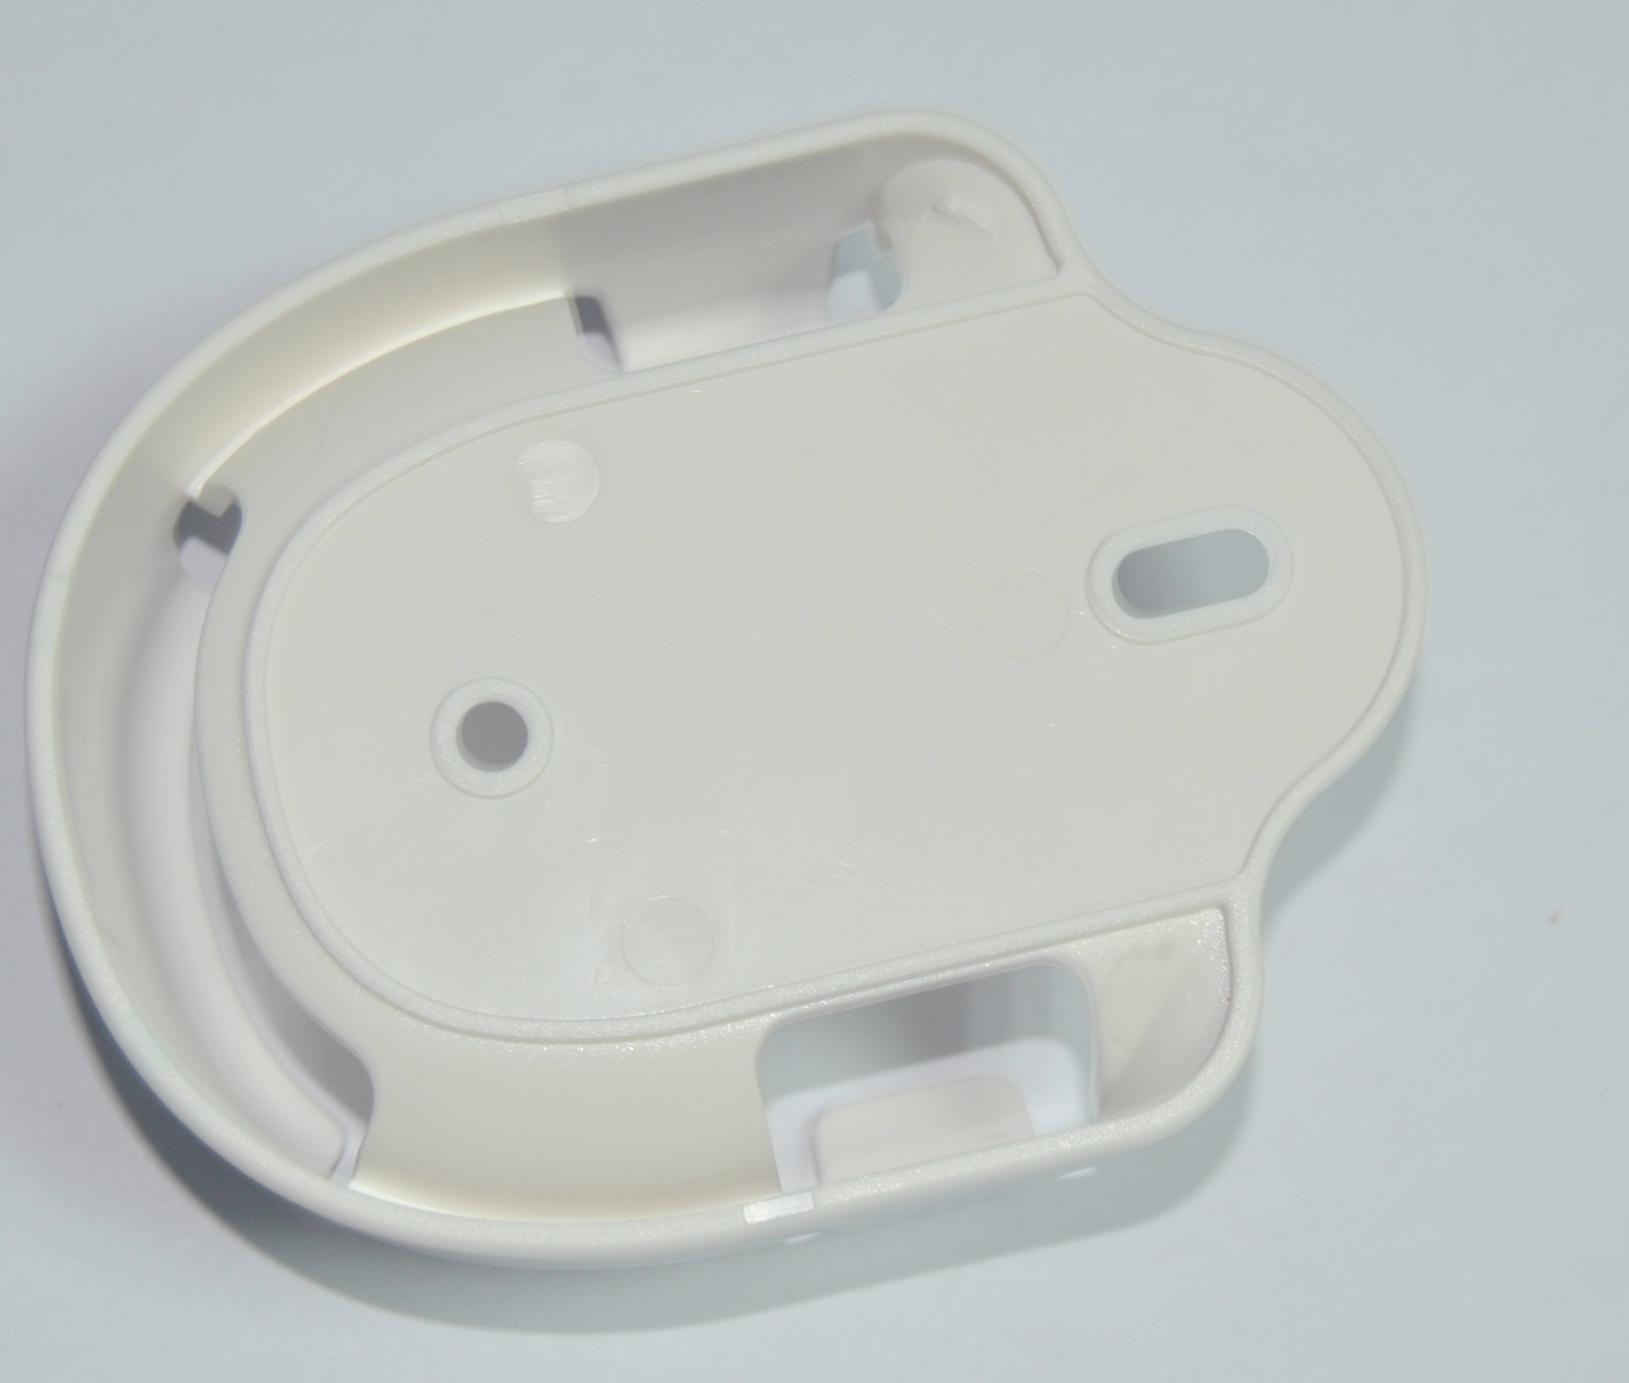 2. 4G مي ضوء اللاسلكية واي فاي RF الصمام التحكم عن بعد حامل على الحائط التلفزيون حامل التحكم عن بعد مع كامل الملحقات السفينة حرة